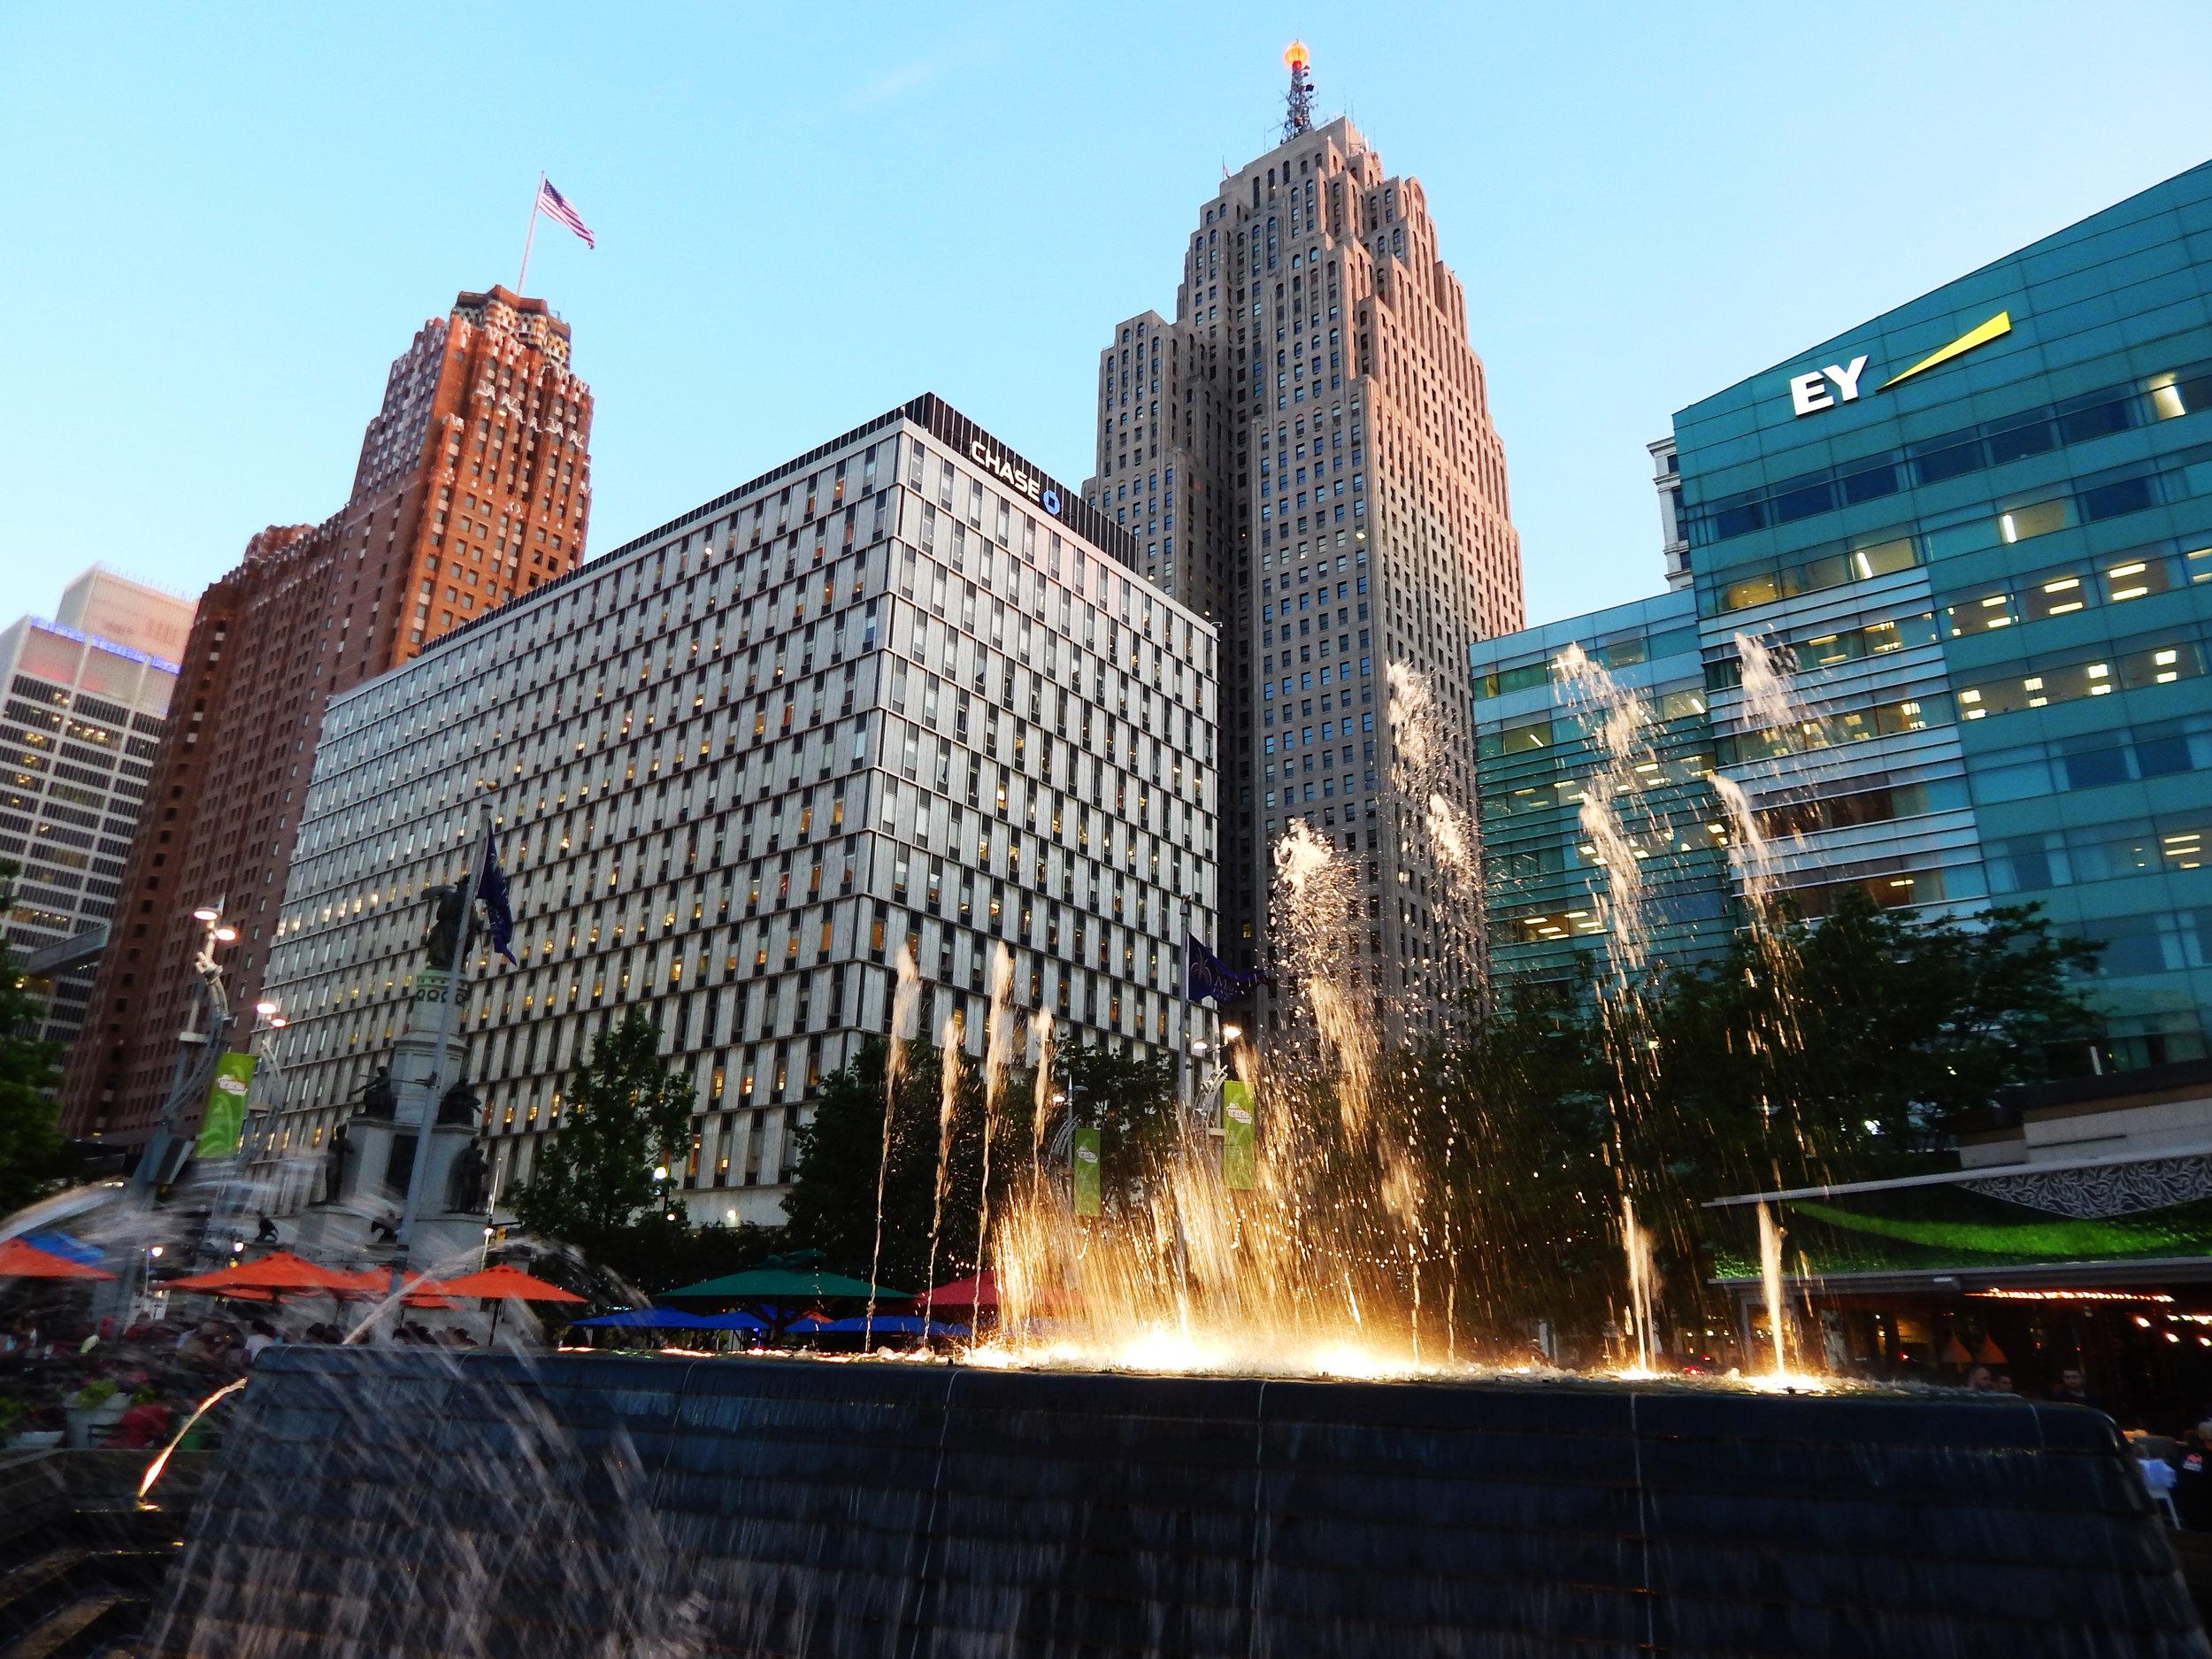 Detroit Downtown Architecture